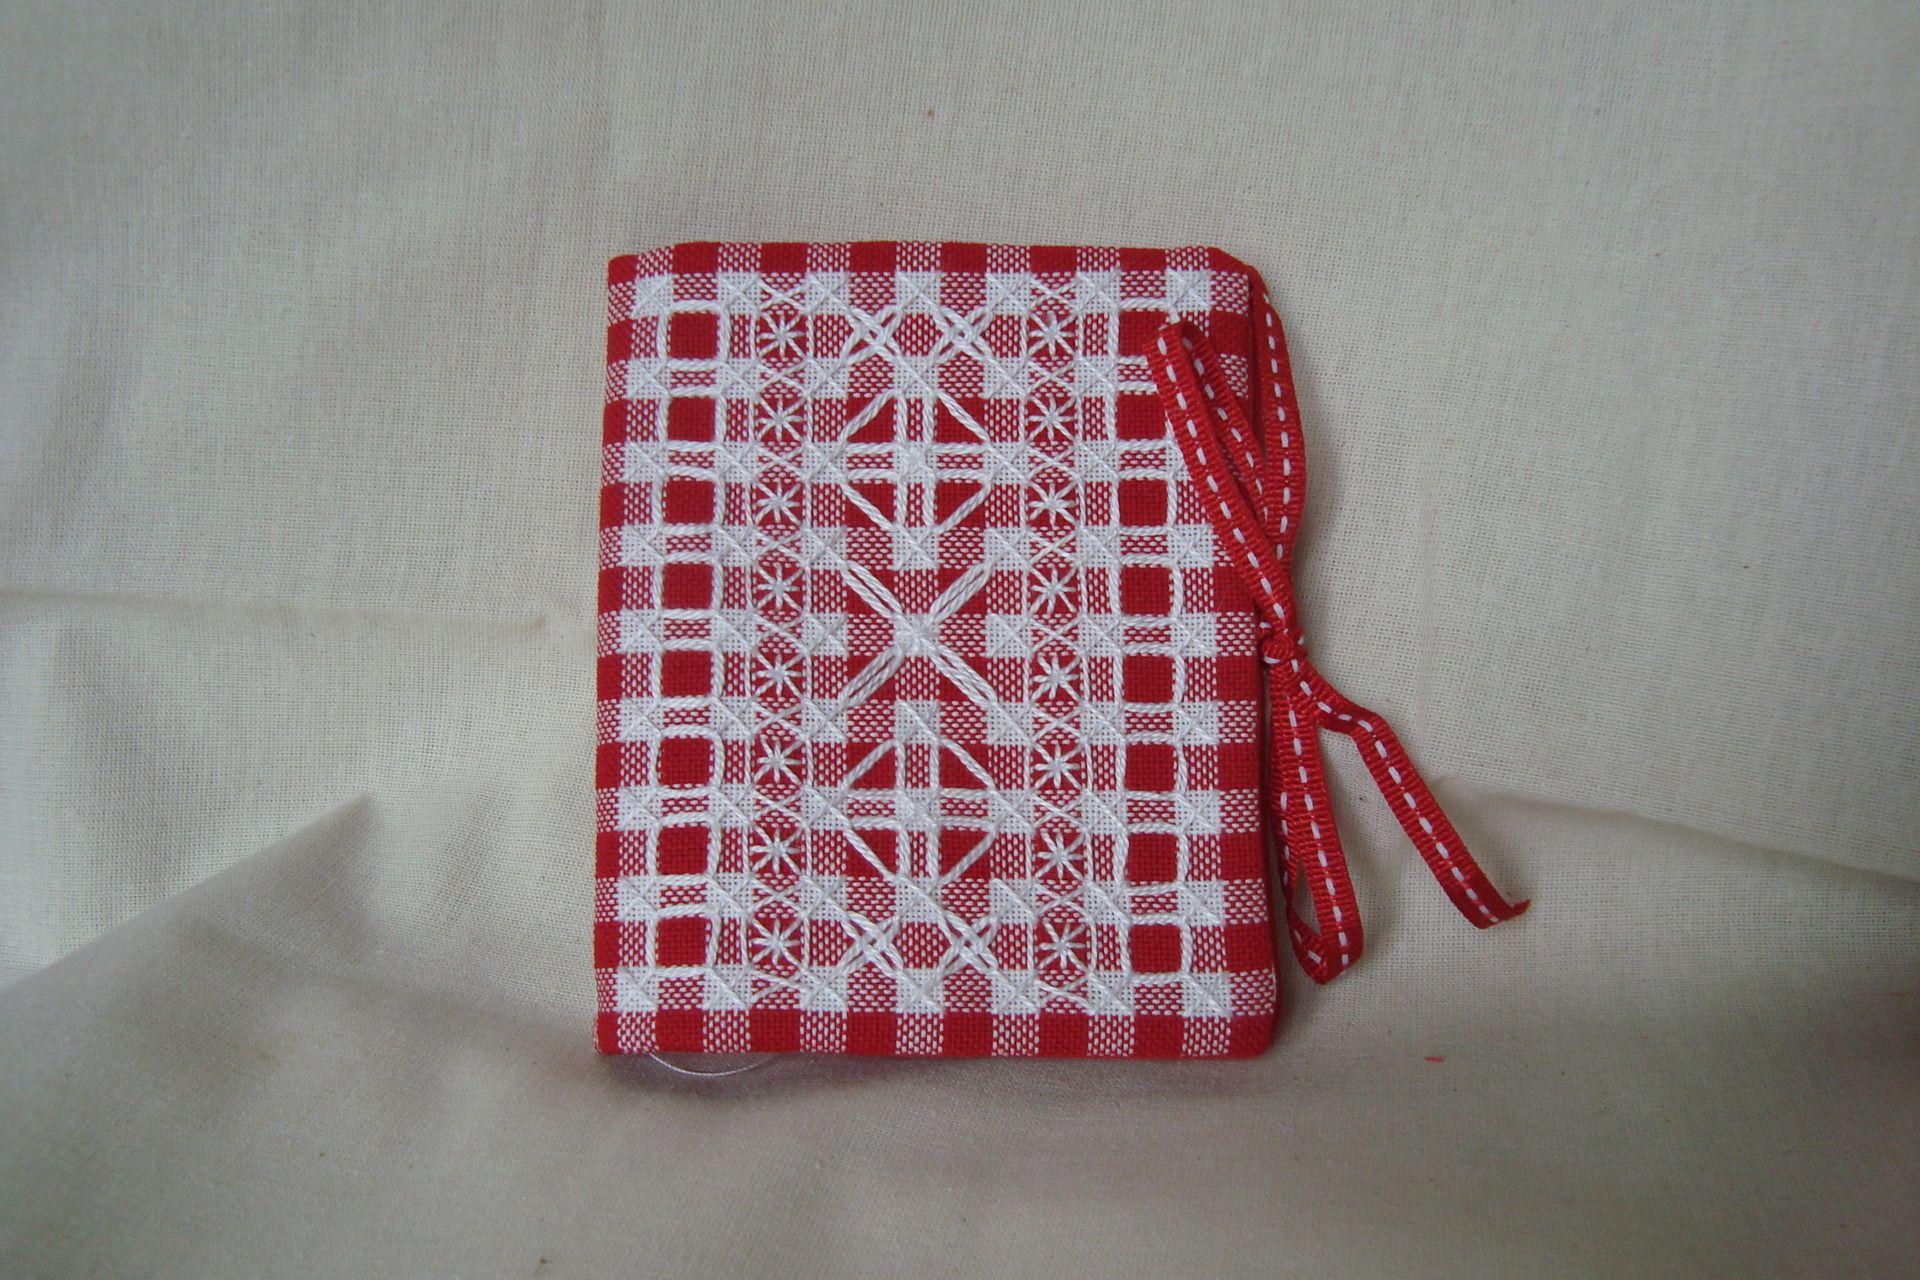 Etui à aiguilles dans un tissu vichy rouge pour la broderie suisse. A l'intérieur un tissu uni rouge et feutrine blanche. Un lien rouge et blanc pour la fermeture. La broderie - 4869107